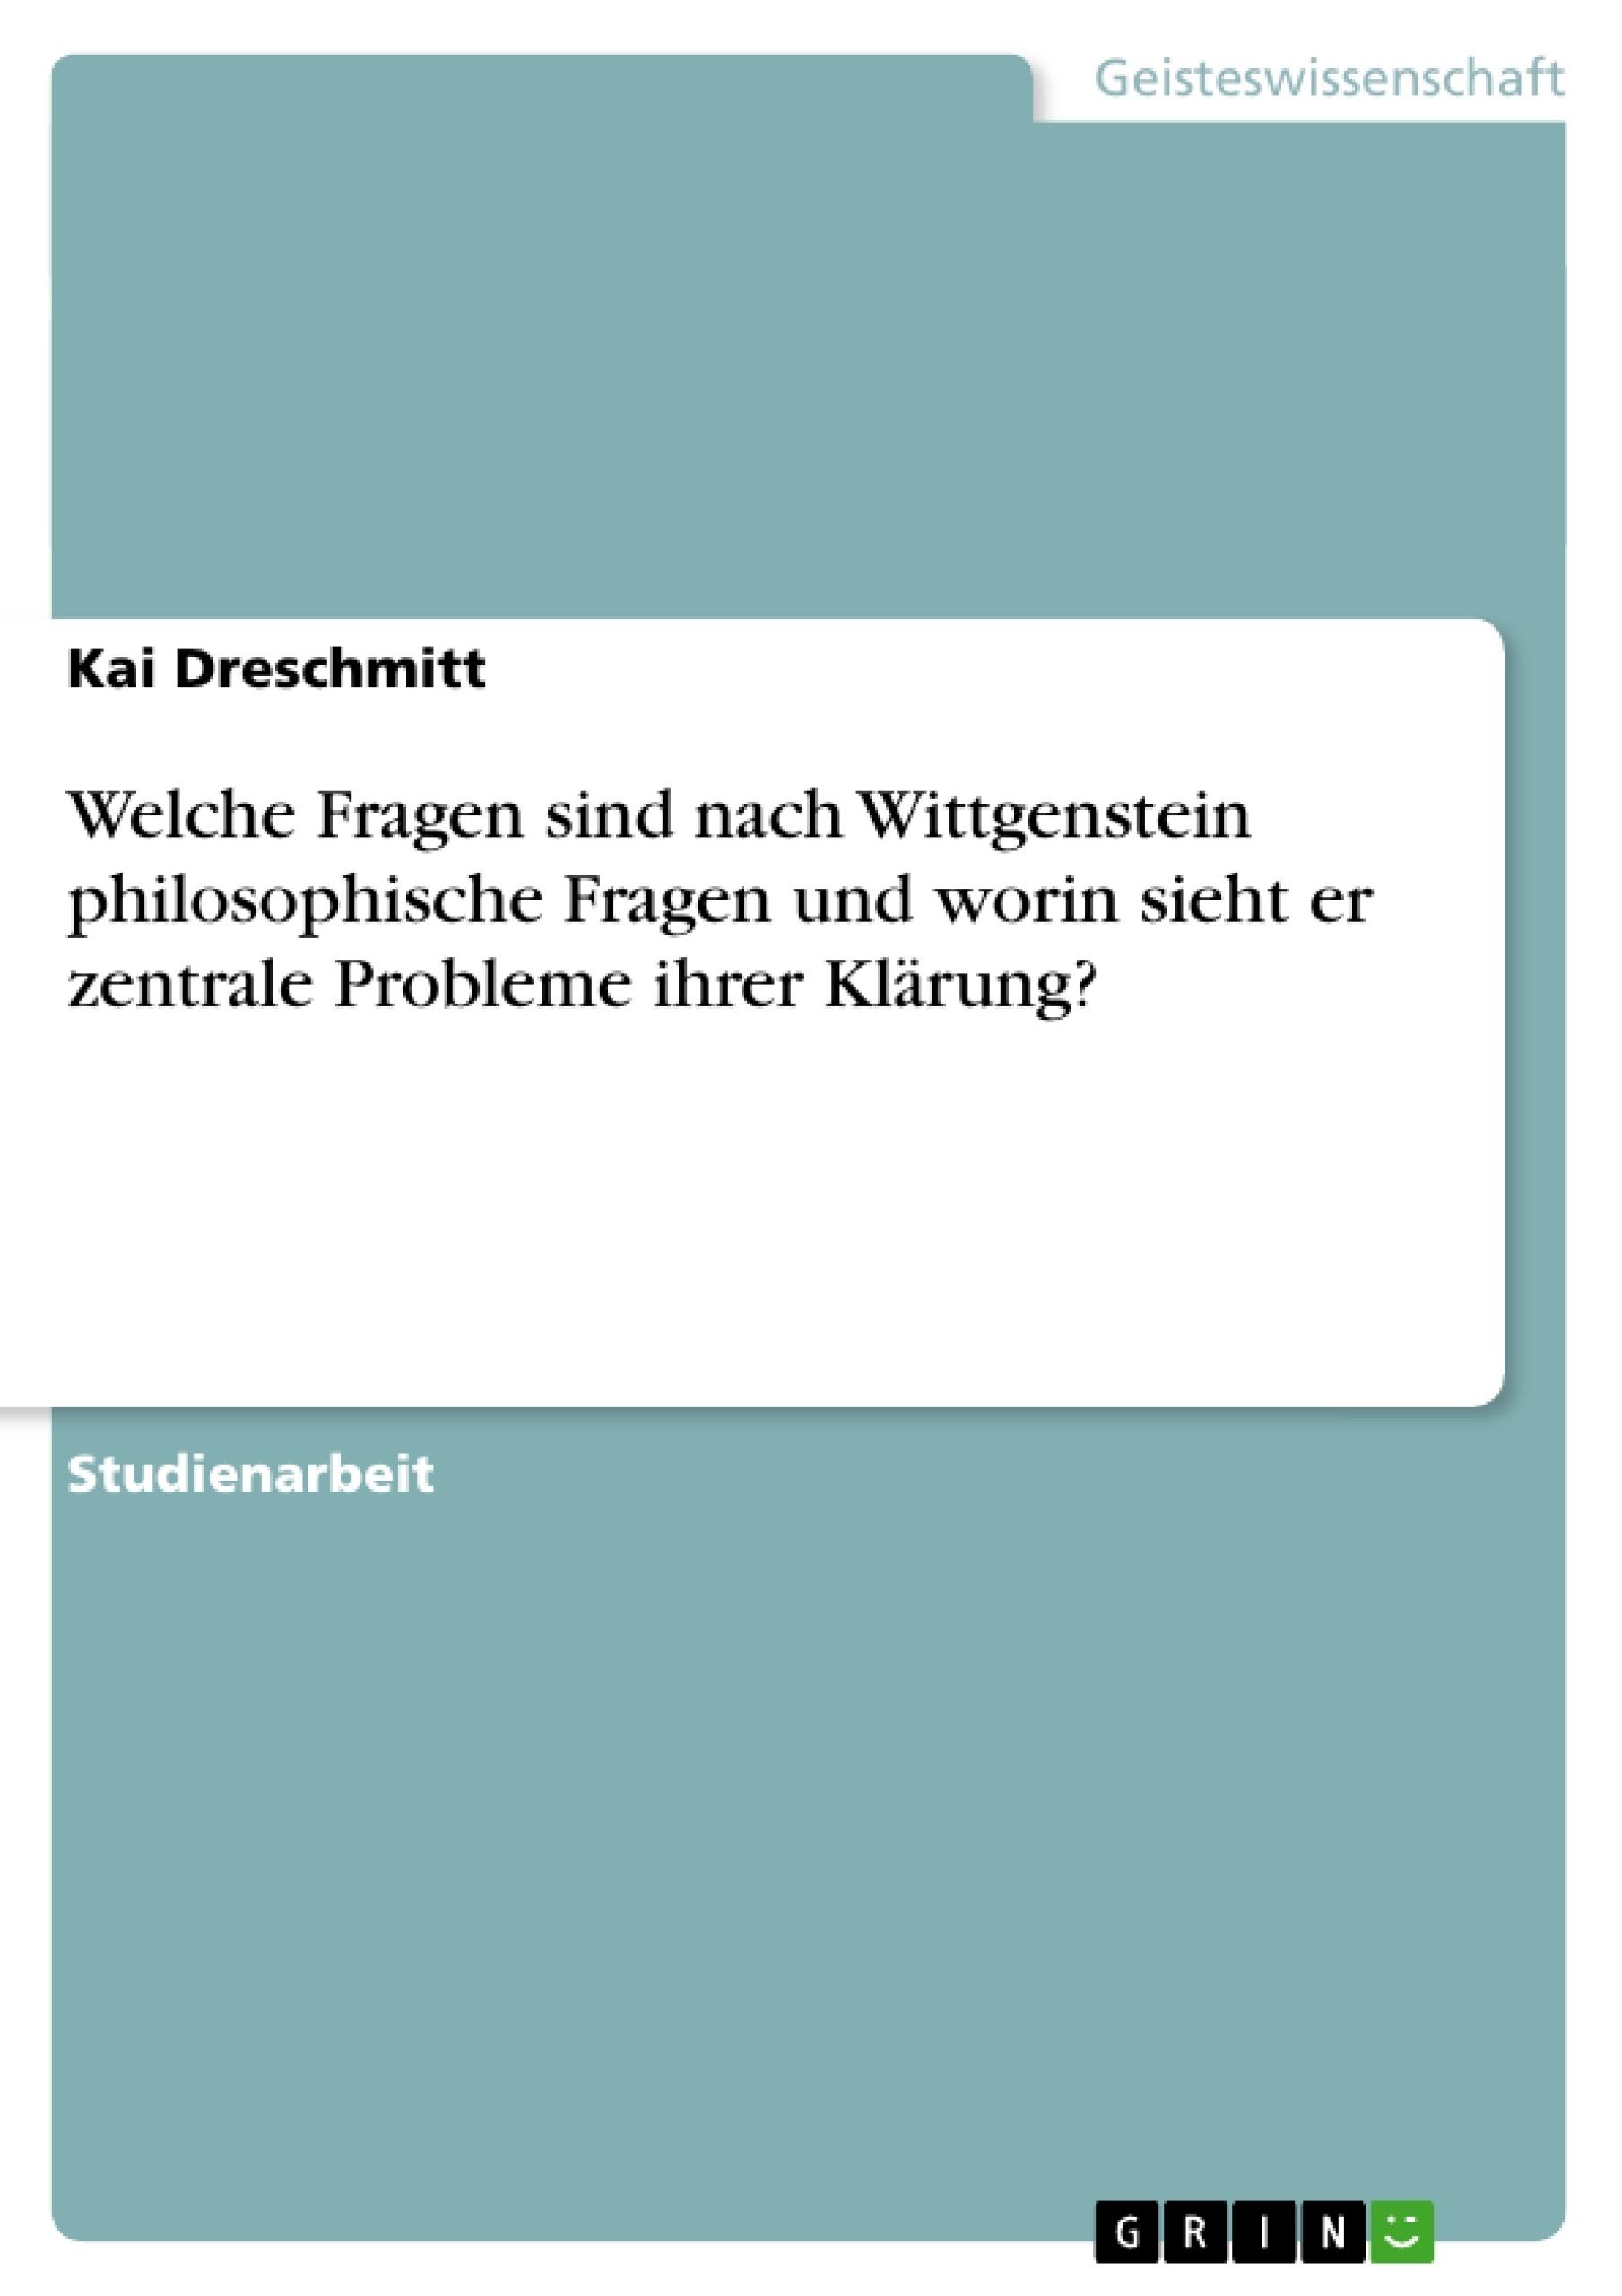 Titel: Welche Fragen sind nach Wittgenstein philosophische Fragen und worin sieht er zentrale Probleme ihrer Klärung?